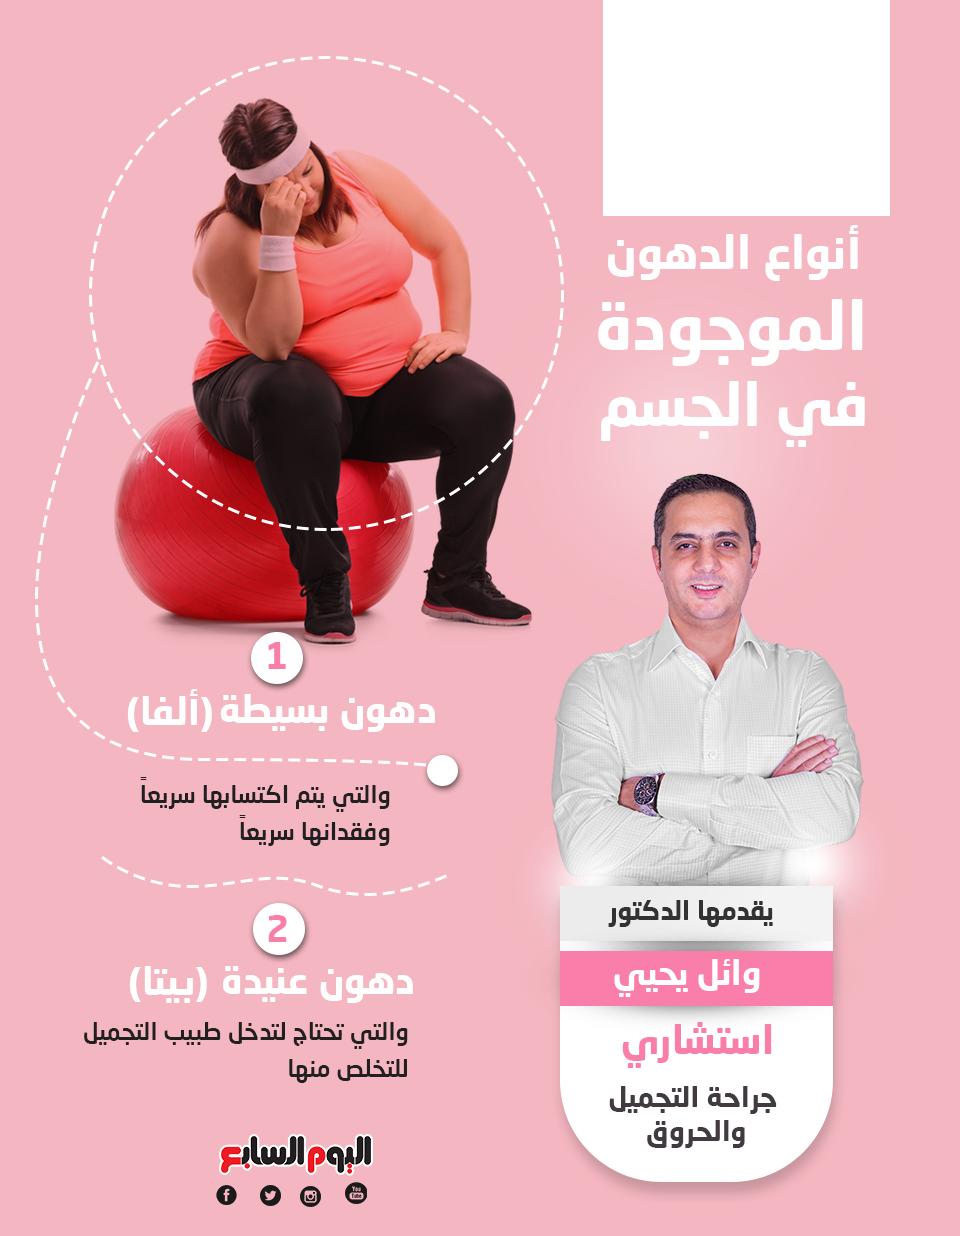 أنواع الدهون الموجودة في الجسم